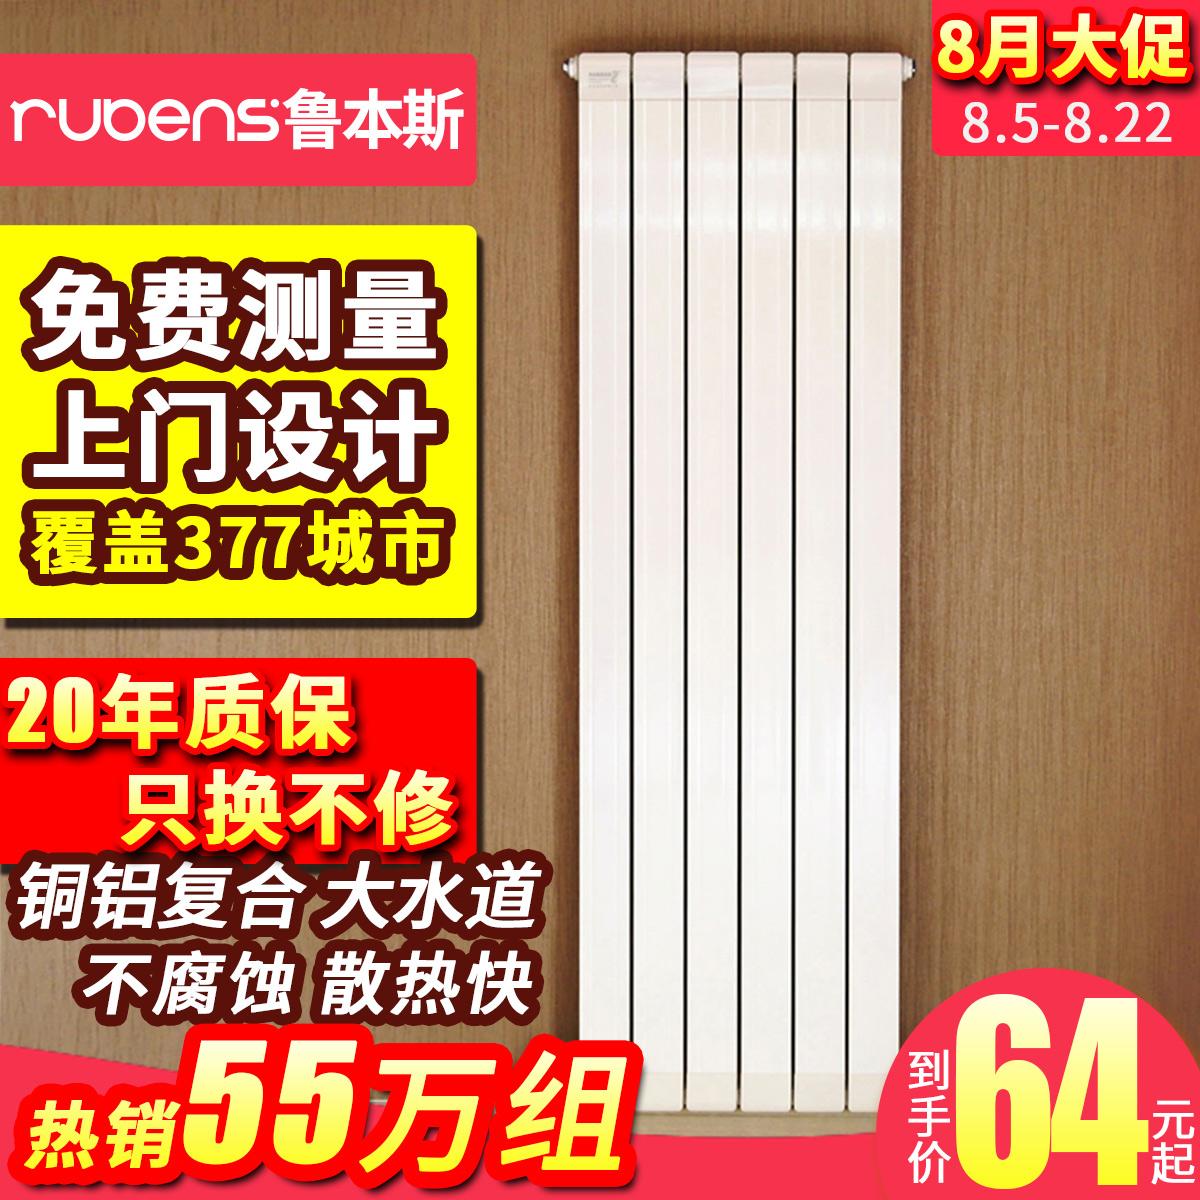 鲁本斯暖气片家用水暖铜铝复合壁挂式装饰换热器过水热定制采暖